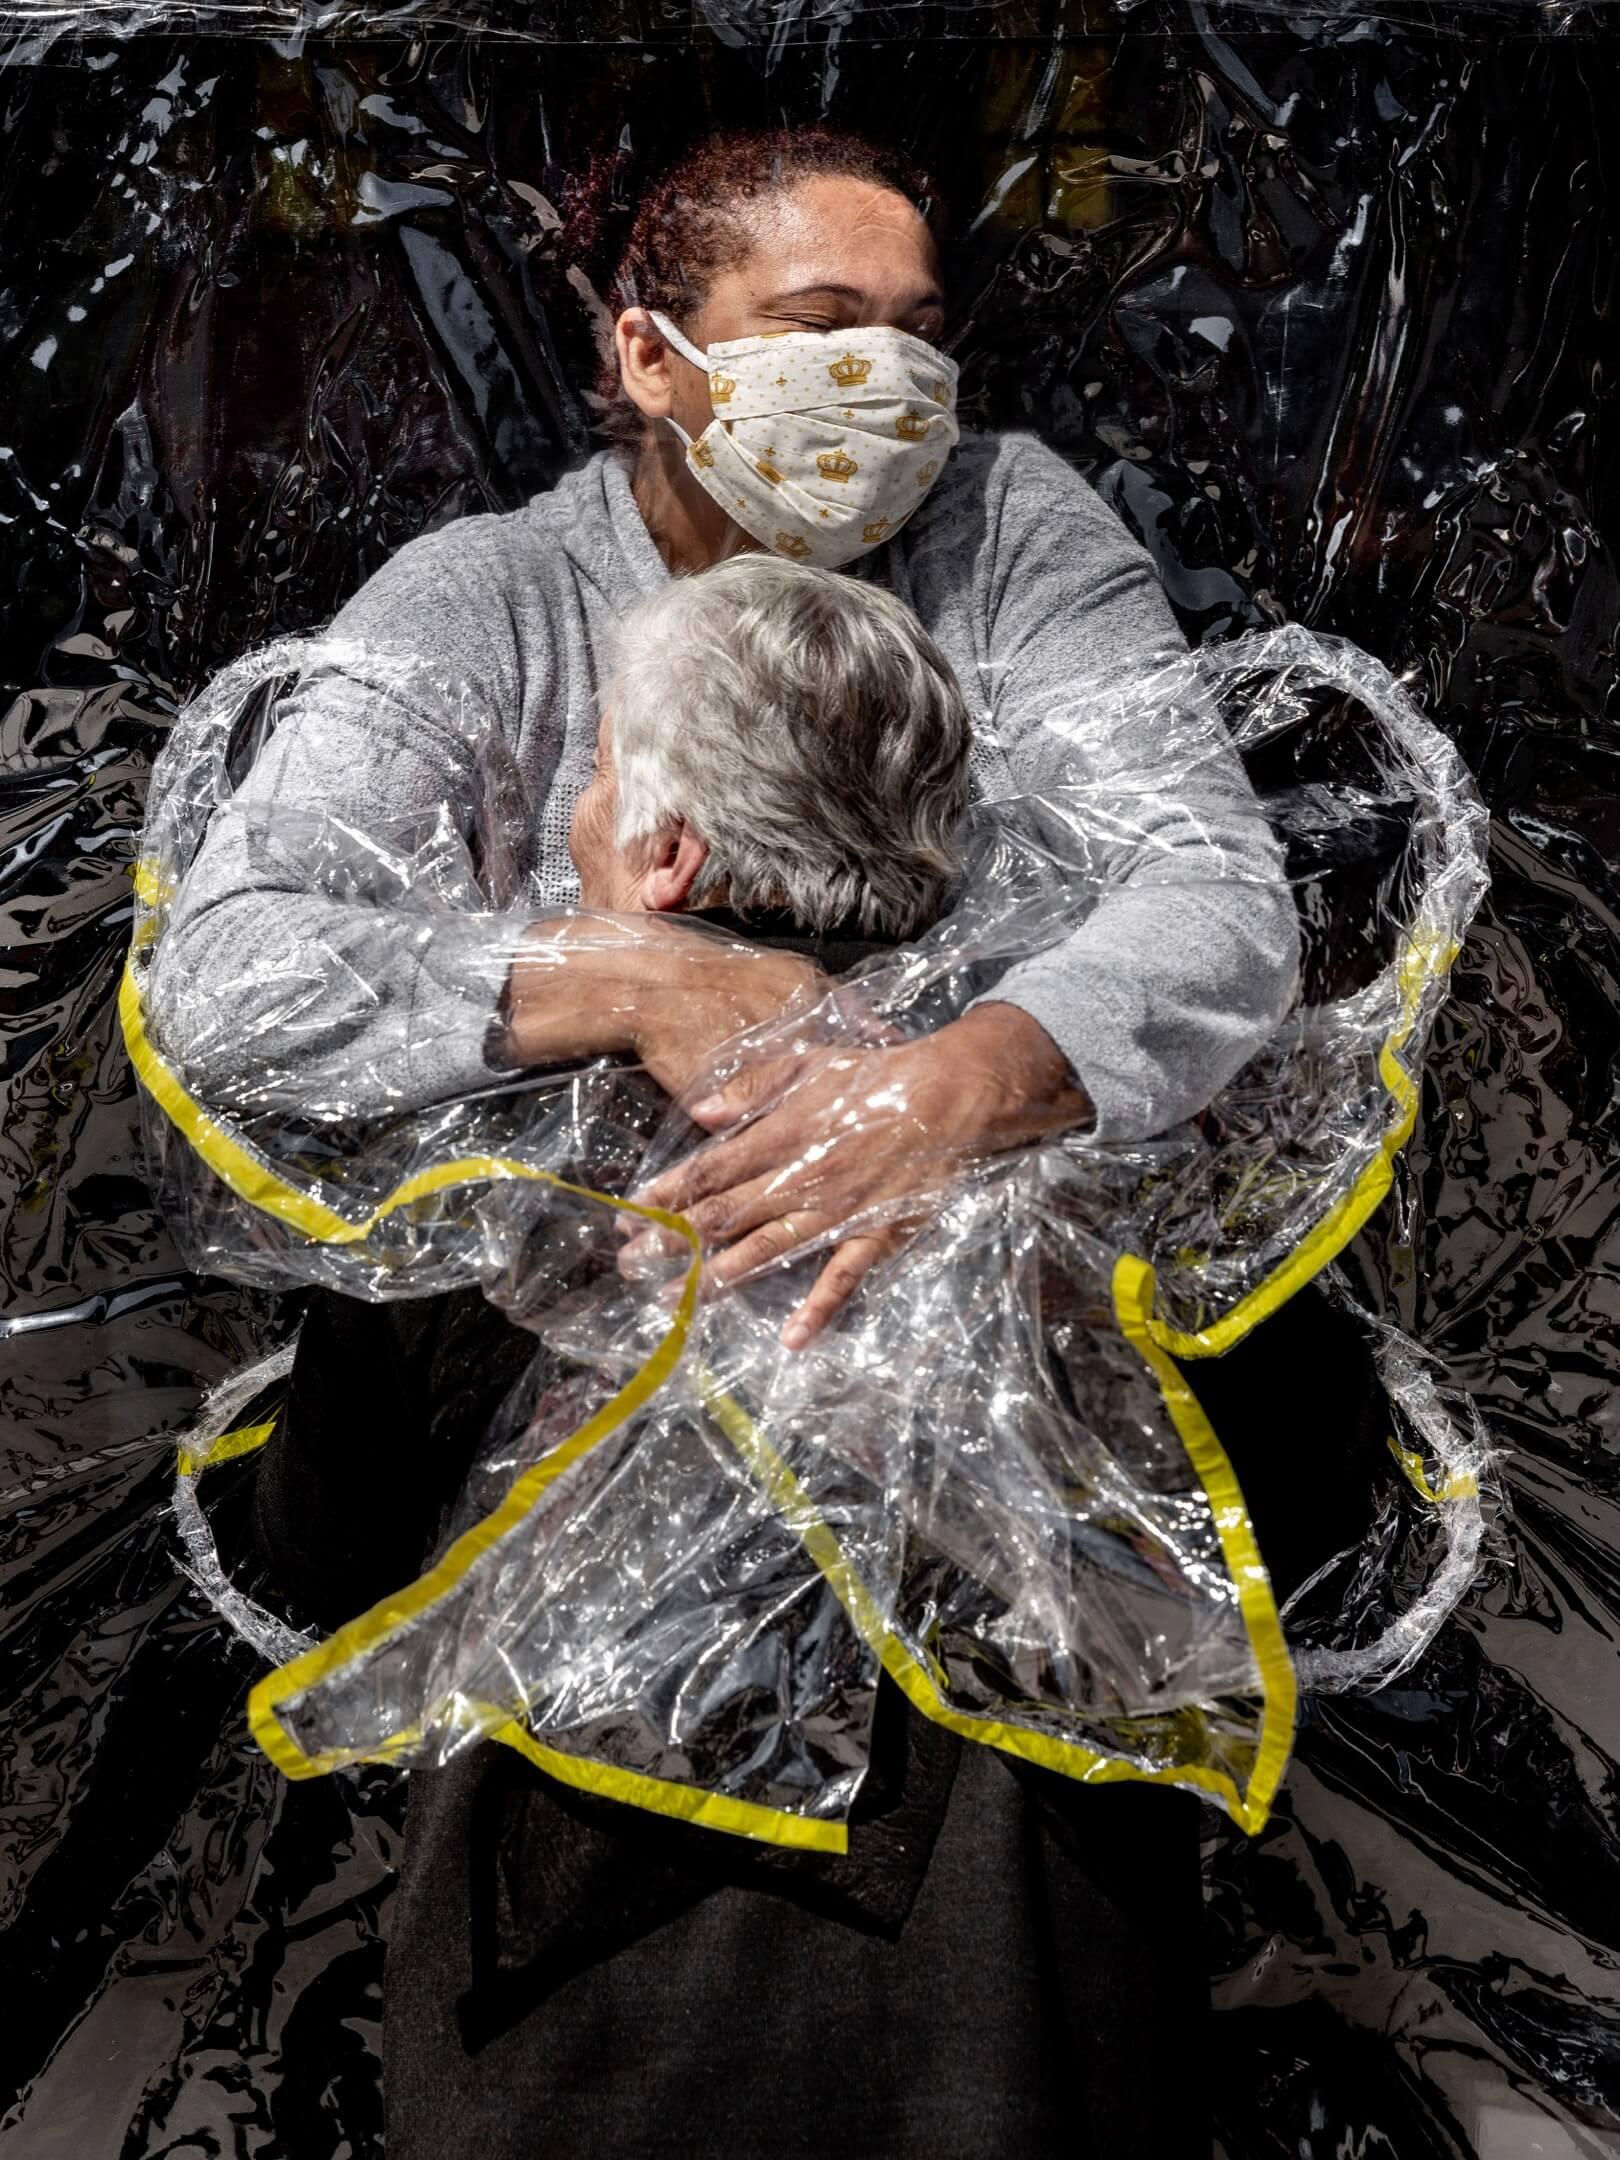 2020年8月5日,巴西城市聖保羅,85歲婦人 Rosa Luzia Lunardi 與安老院護士 Adriana Silva da Costa Souza 擁抱,這是她5個月來首次擁抱。 攝:Mads Nissen/Politiken/Panos Pictures